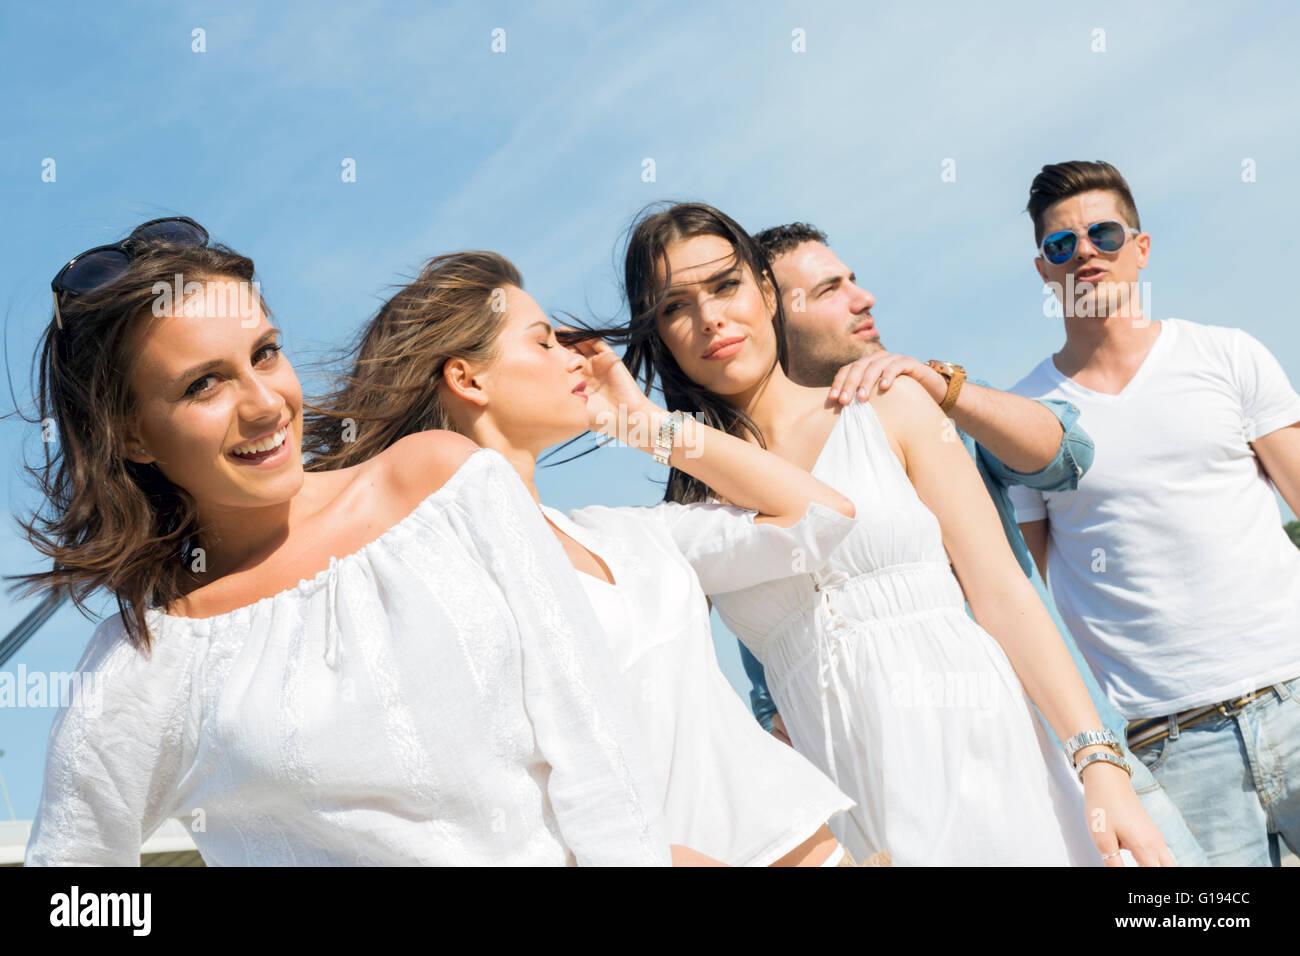 Los jóvenes en la playa, posando con viento que sopla su cabello Imagen De Stock